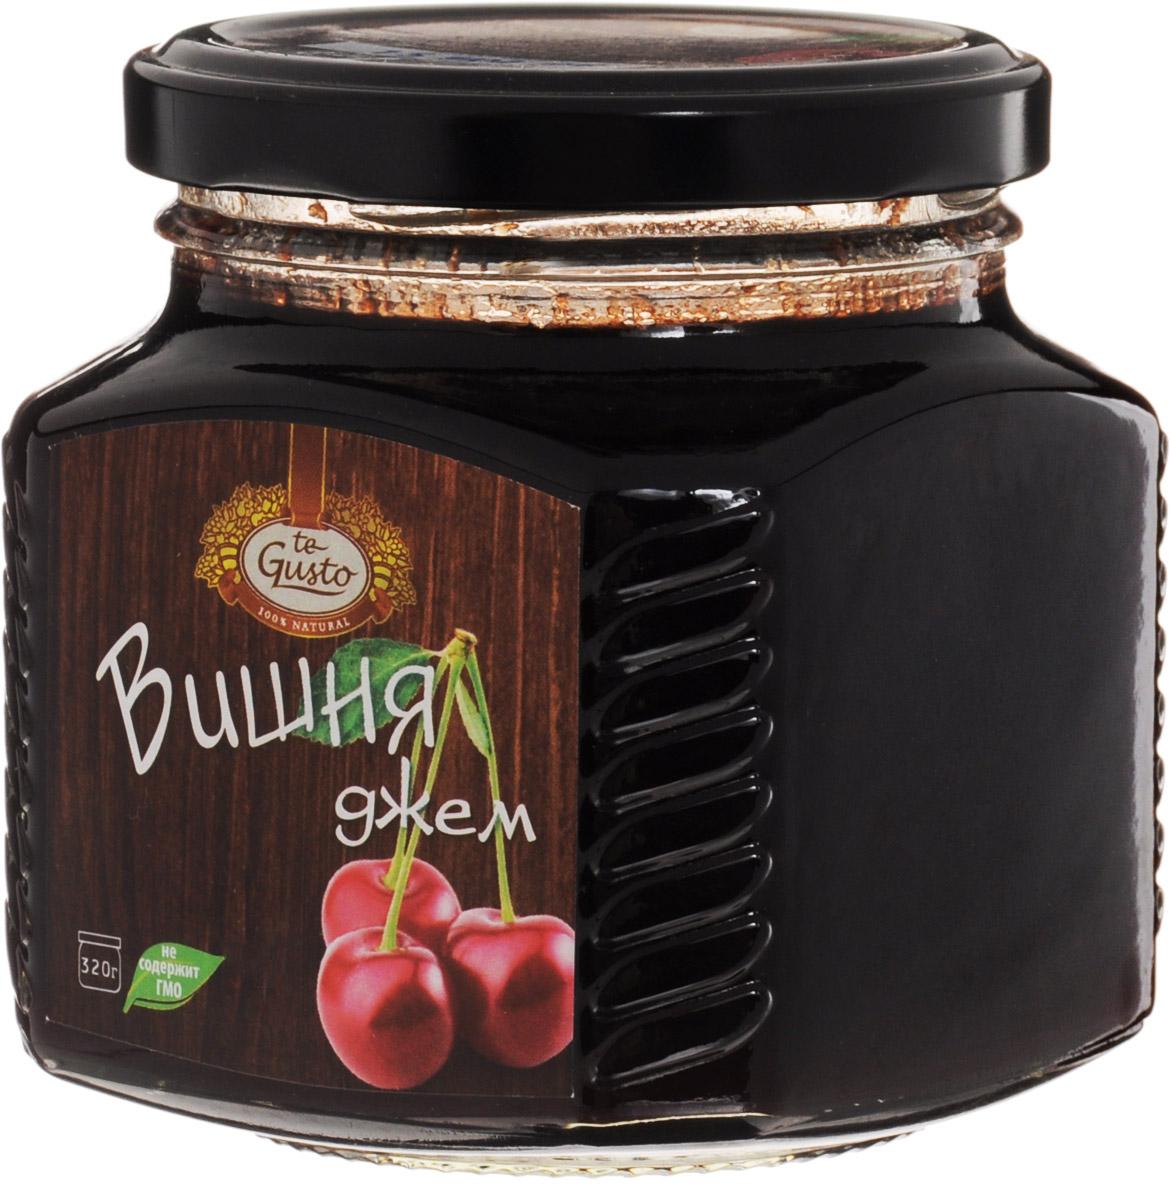 te Gusto Джем из вишни, 320 г4657155301399Ароматный джем te Gusto сварен из вишни, имеет желеобразную консистенцию с крупными кусочками фруктов. Для приготовления используются только свежие, тщательно отобранные плоды, созревшие в экологически чистых местах.Вишня благотворно воздействует на общее состояние организма, укрепляет иммунитет, стимулирует обменные процессы и сводит к минимуму риск развития онкологических заболеваний. Кроме того, джем обладает способностью уничтожать вредоносные бактерии и помогает при простудных заболеваниях, оказывая активное отхаркивающее действие. Пектины понижают уровень холестерина, улучшают пищеварение и нормализуют перистальтику кишечника.